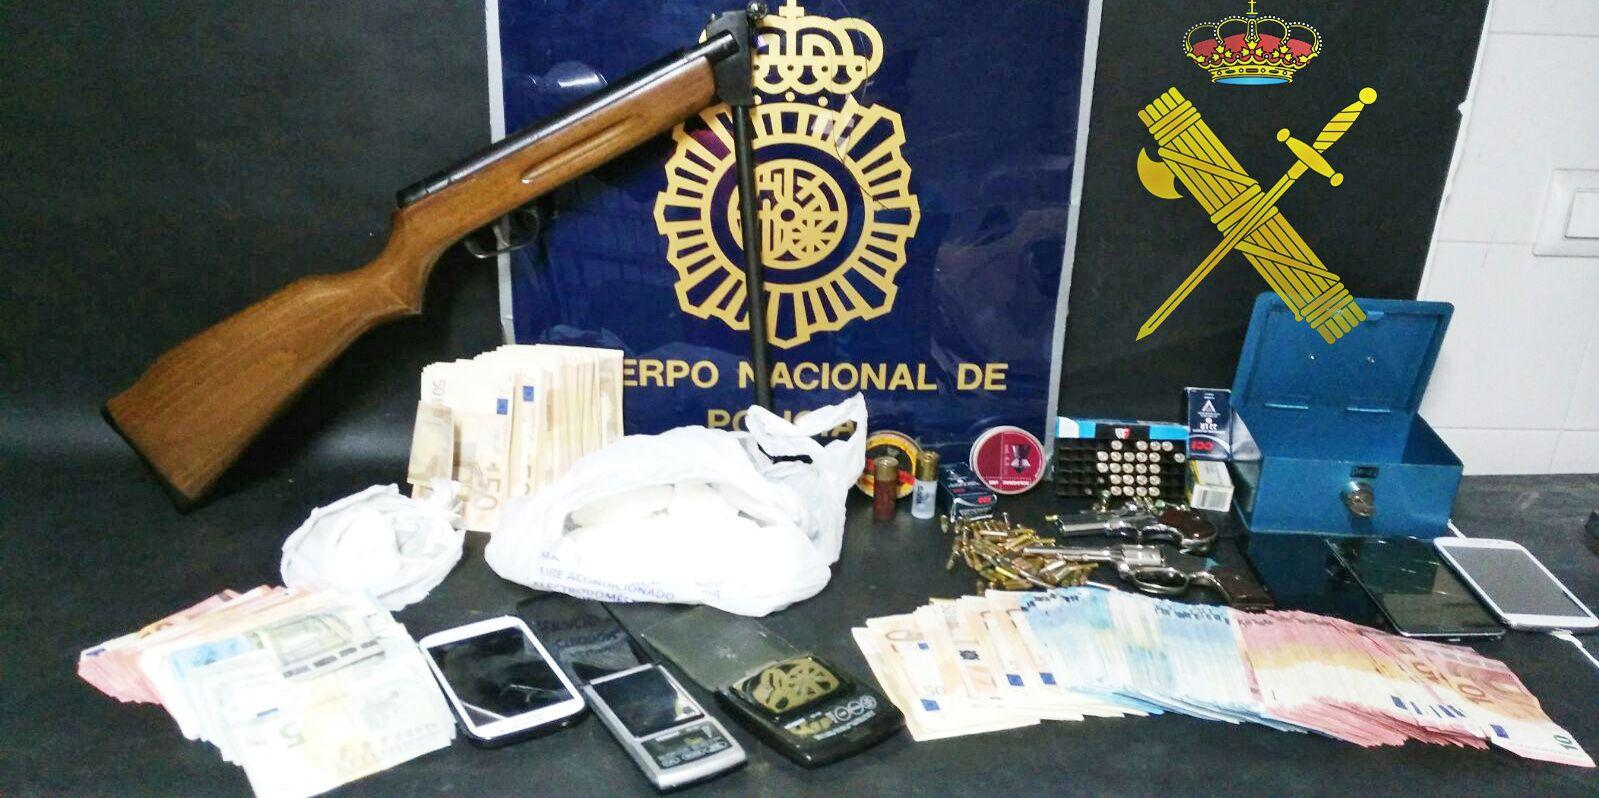 2016-11-07-el-puerto-16-detenidos-cocaina-3